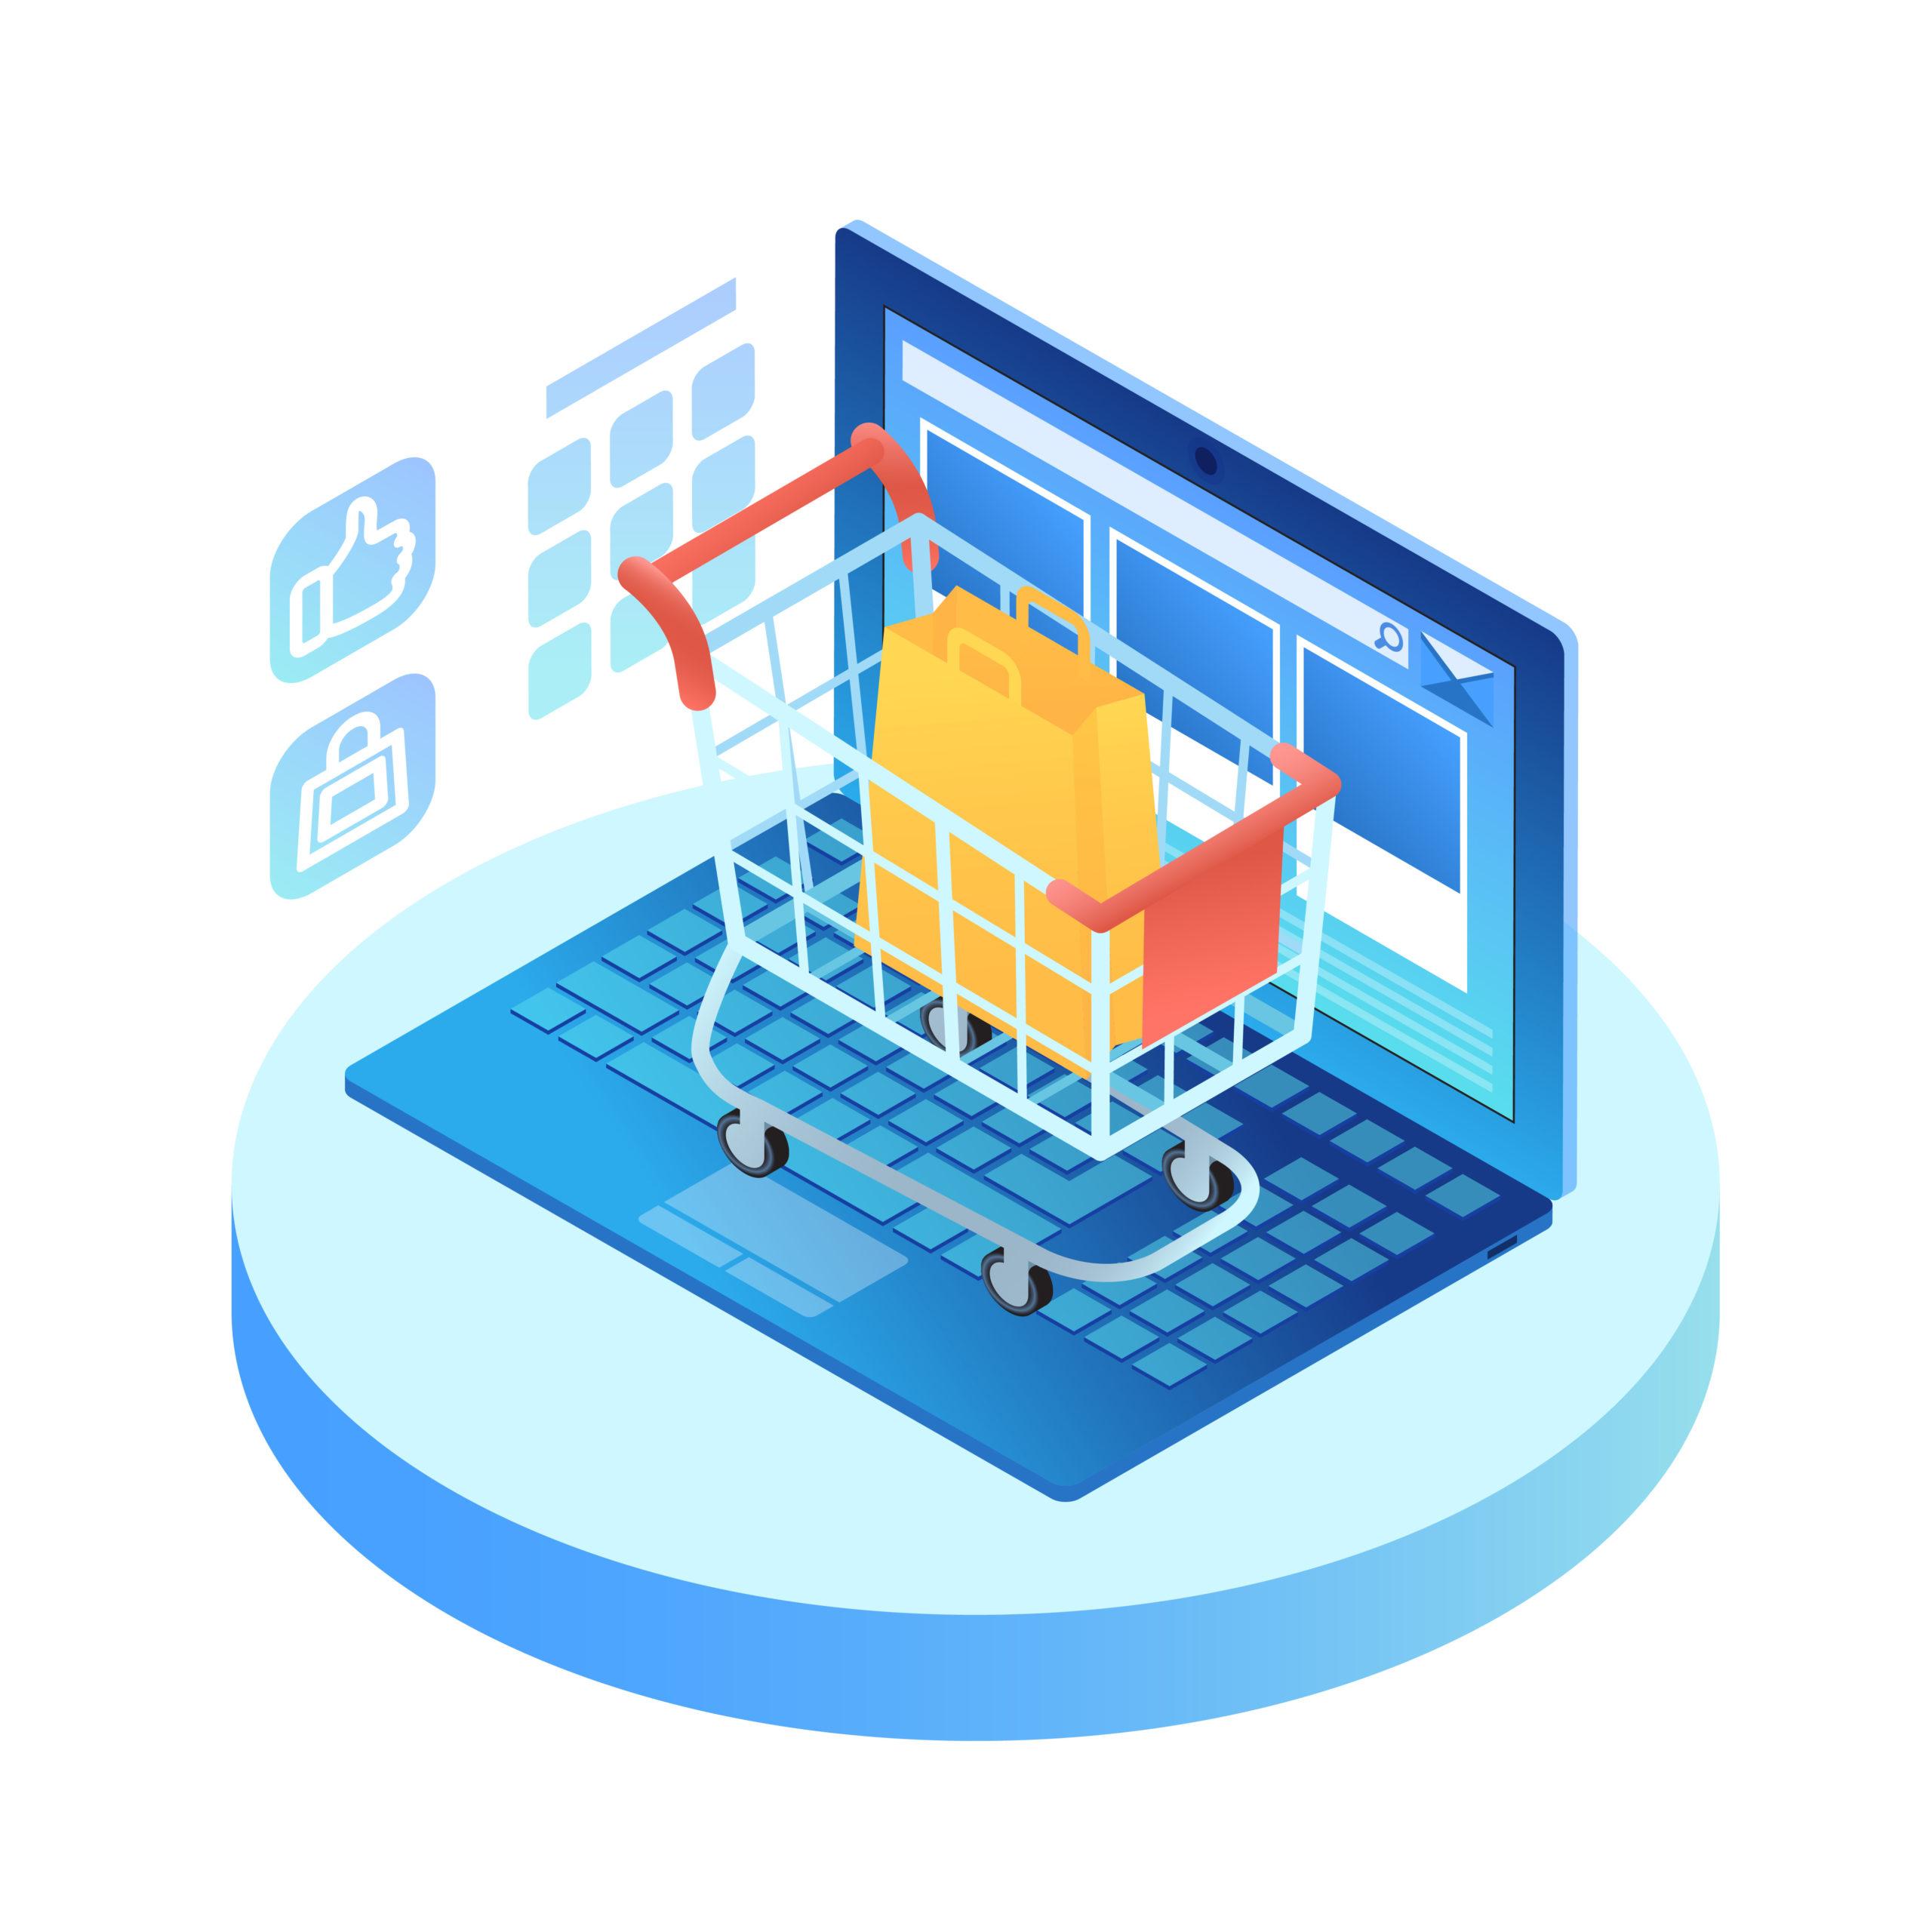 Isometric laptop with shopping cart on keypad